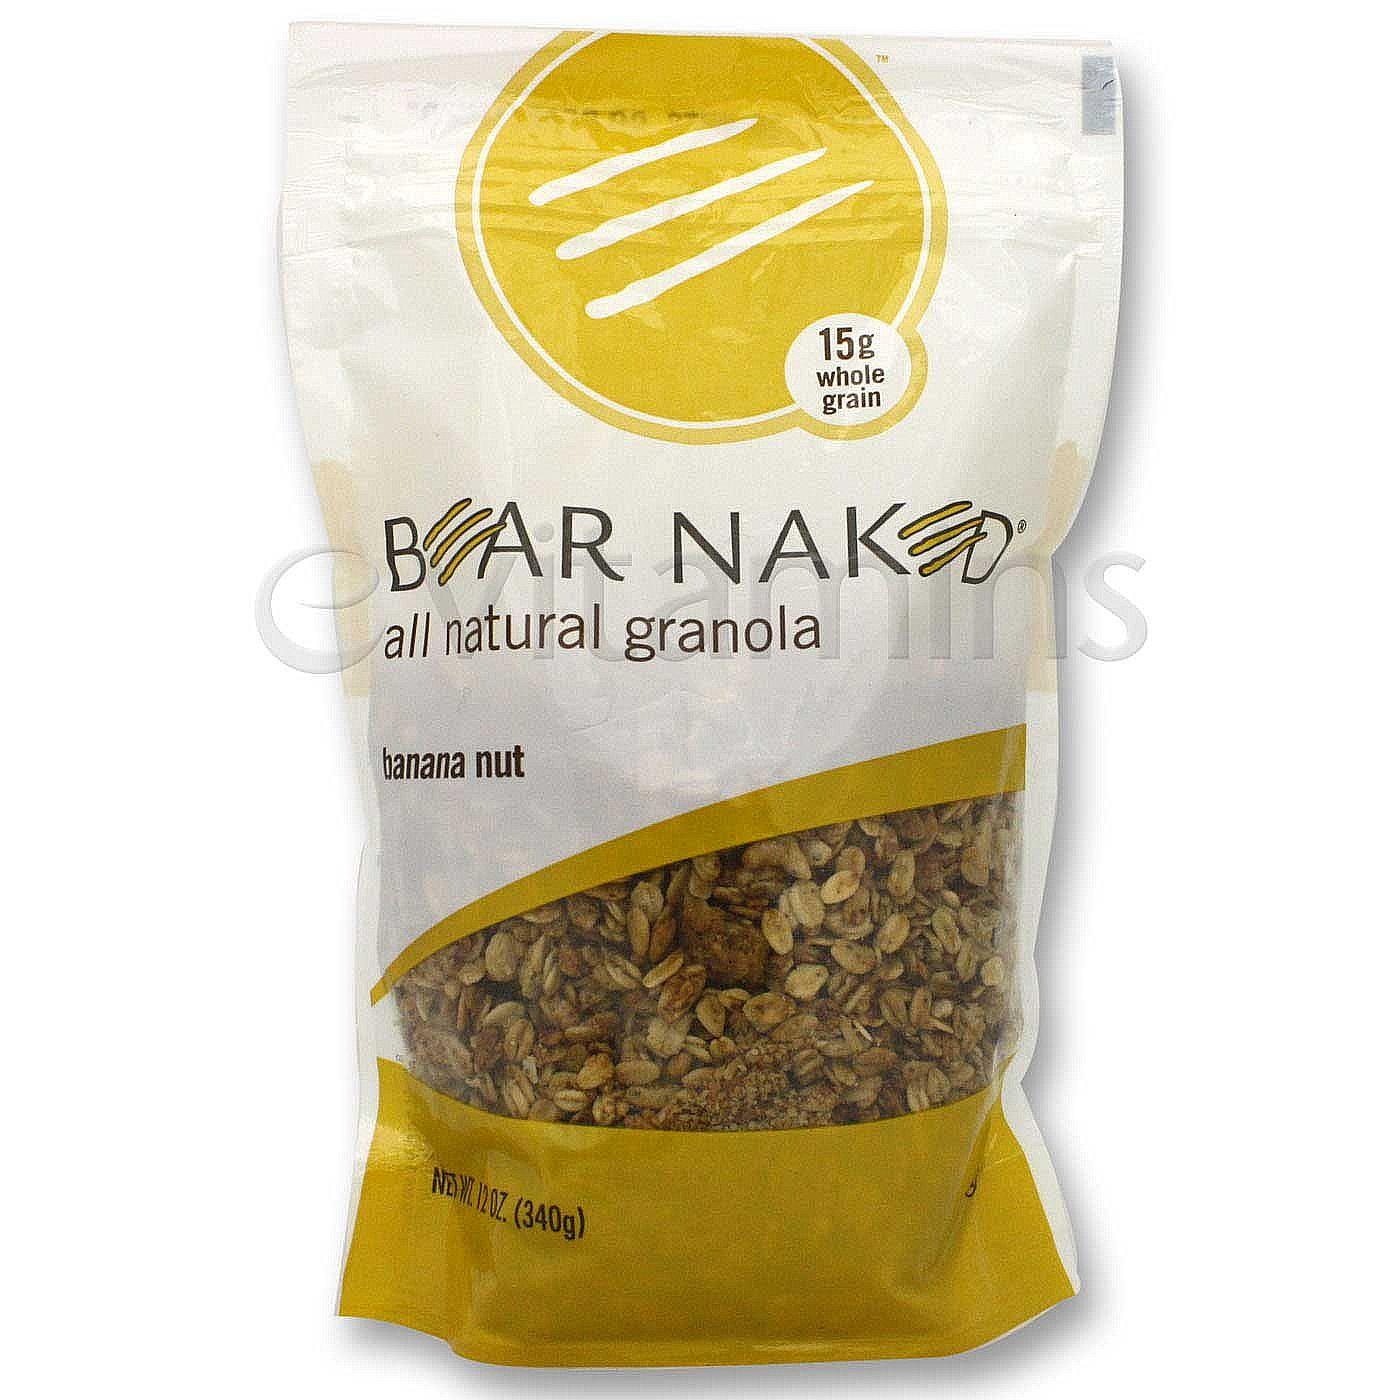 Think, Bear naked banana nut